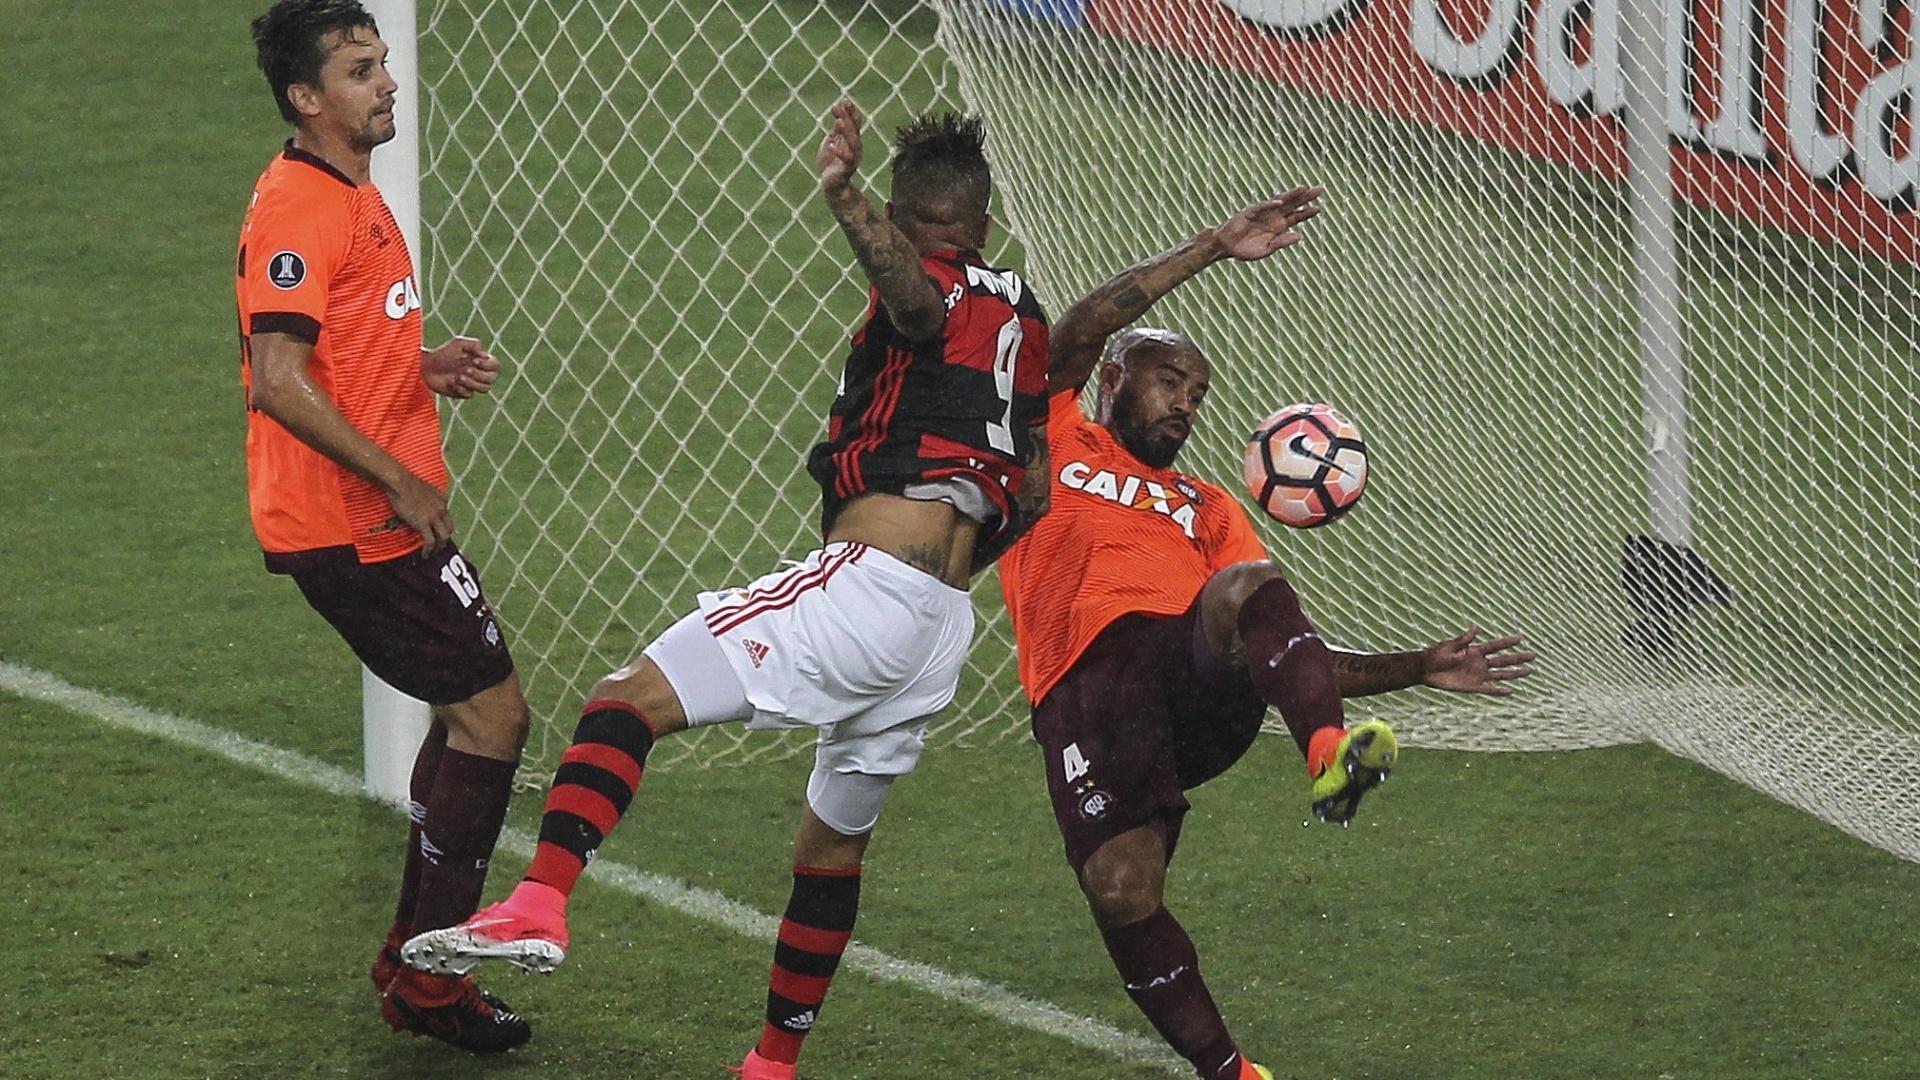 Guerrero abre o placar para o Flamengo contra o Atlético-PR